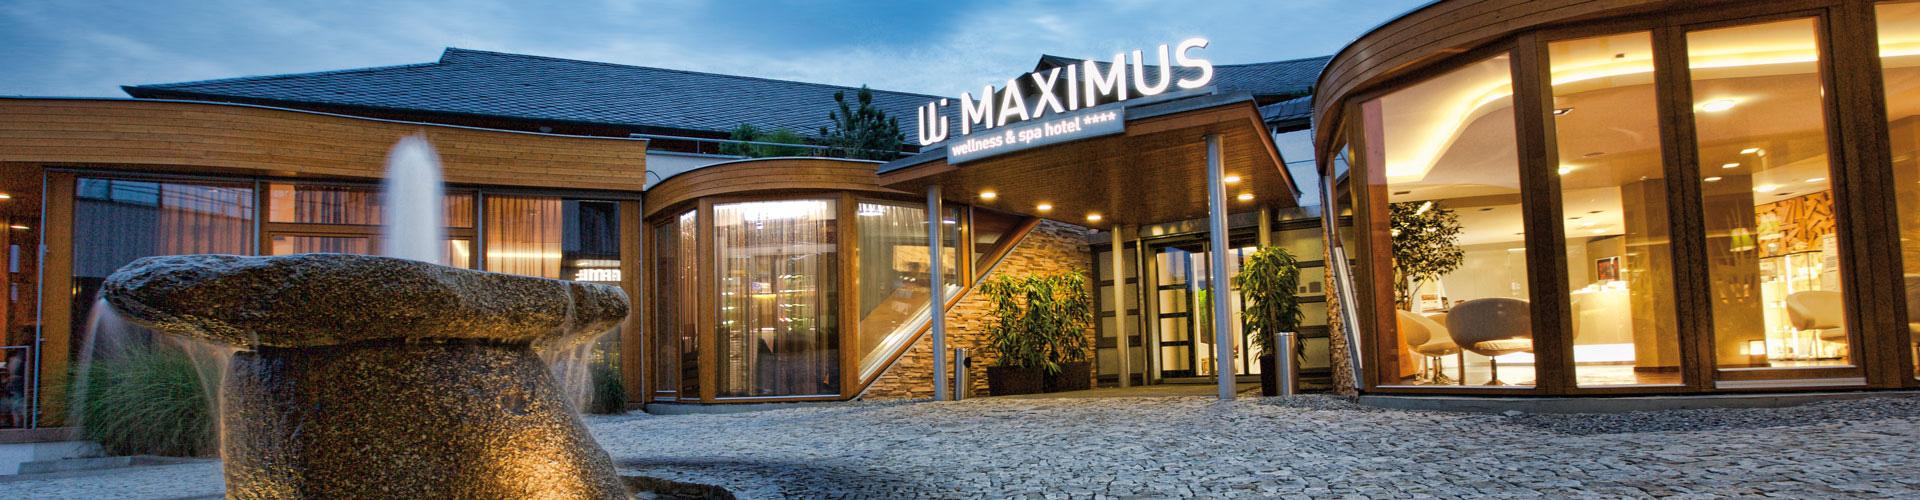 hotel_maximus